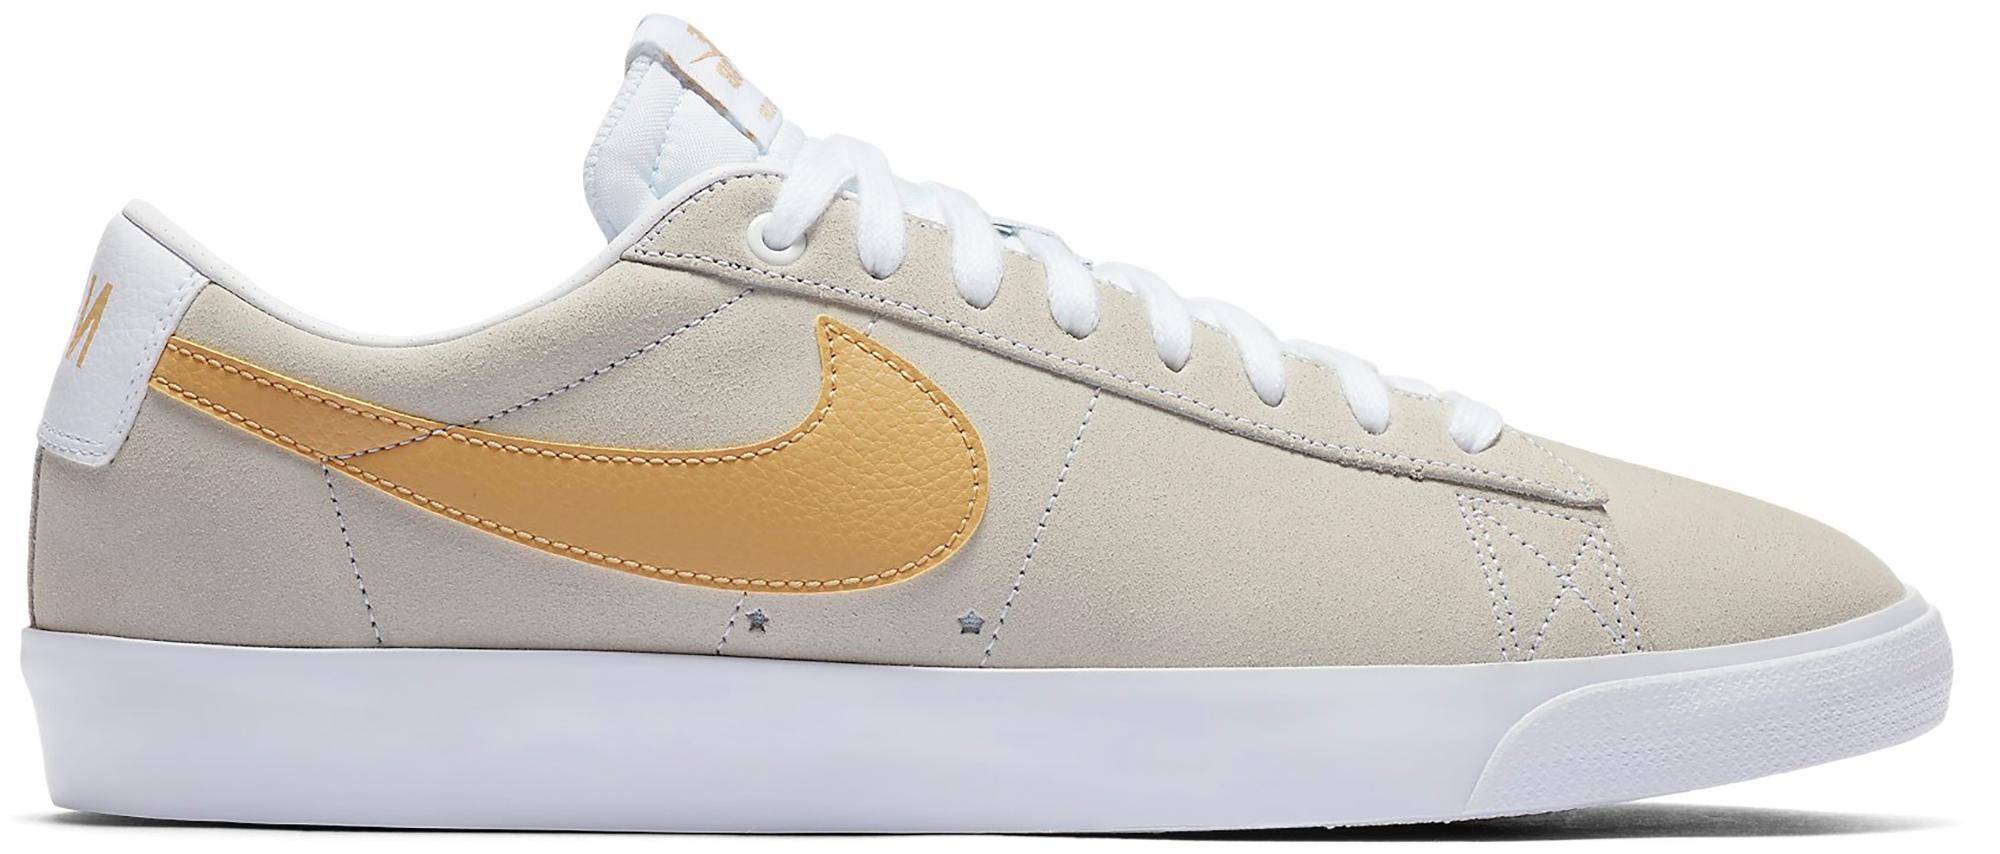 Nike SB Blazer Low GT Grey Yellow